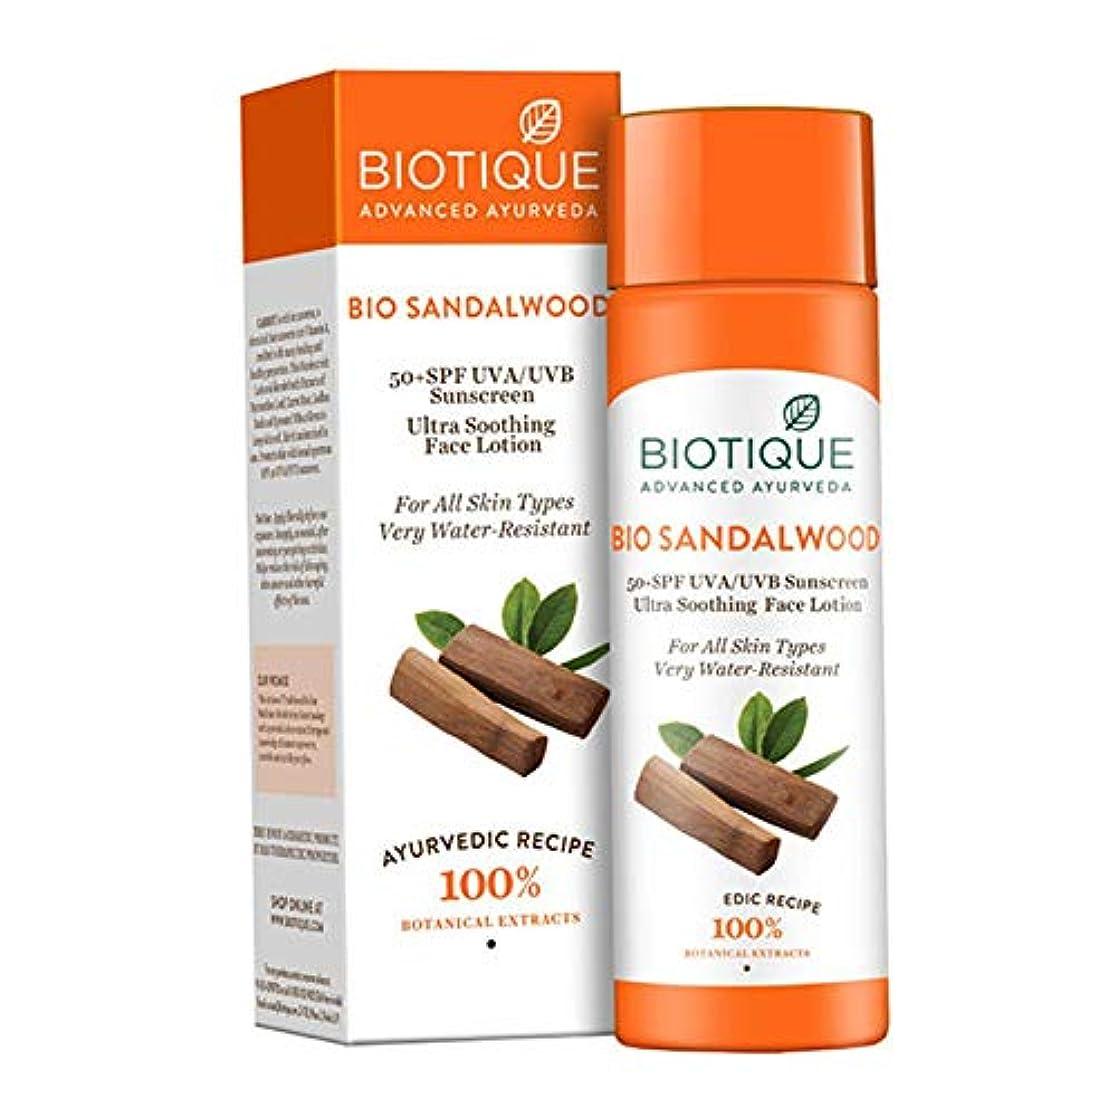 首尾一貫した検証晩ごはんBiotique Sandalwood Ultra Soothing Face Lotion 50+ SPF UVA/UVB Sunscreen, 120ml ビオティックサンダルウッドウルトラスージングフェイスローション...